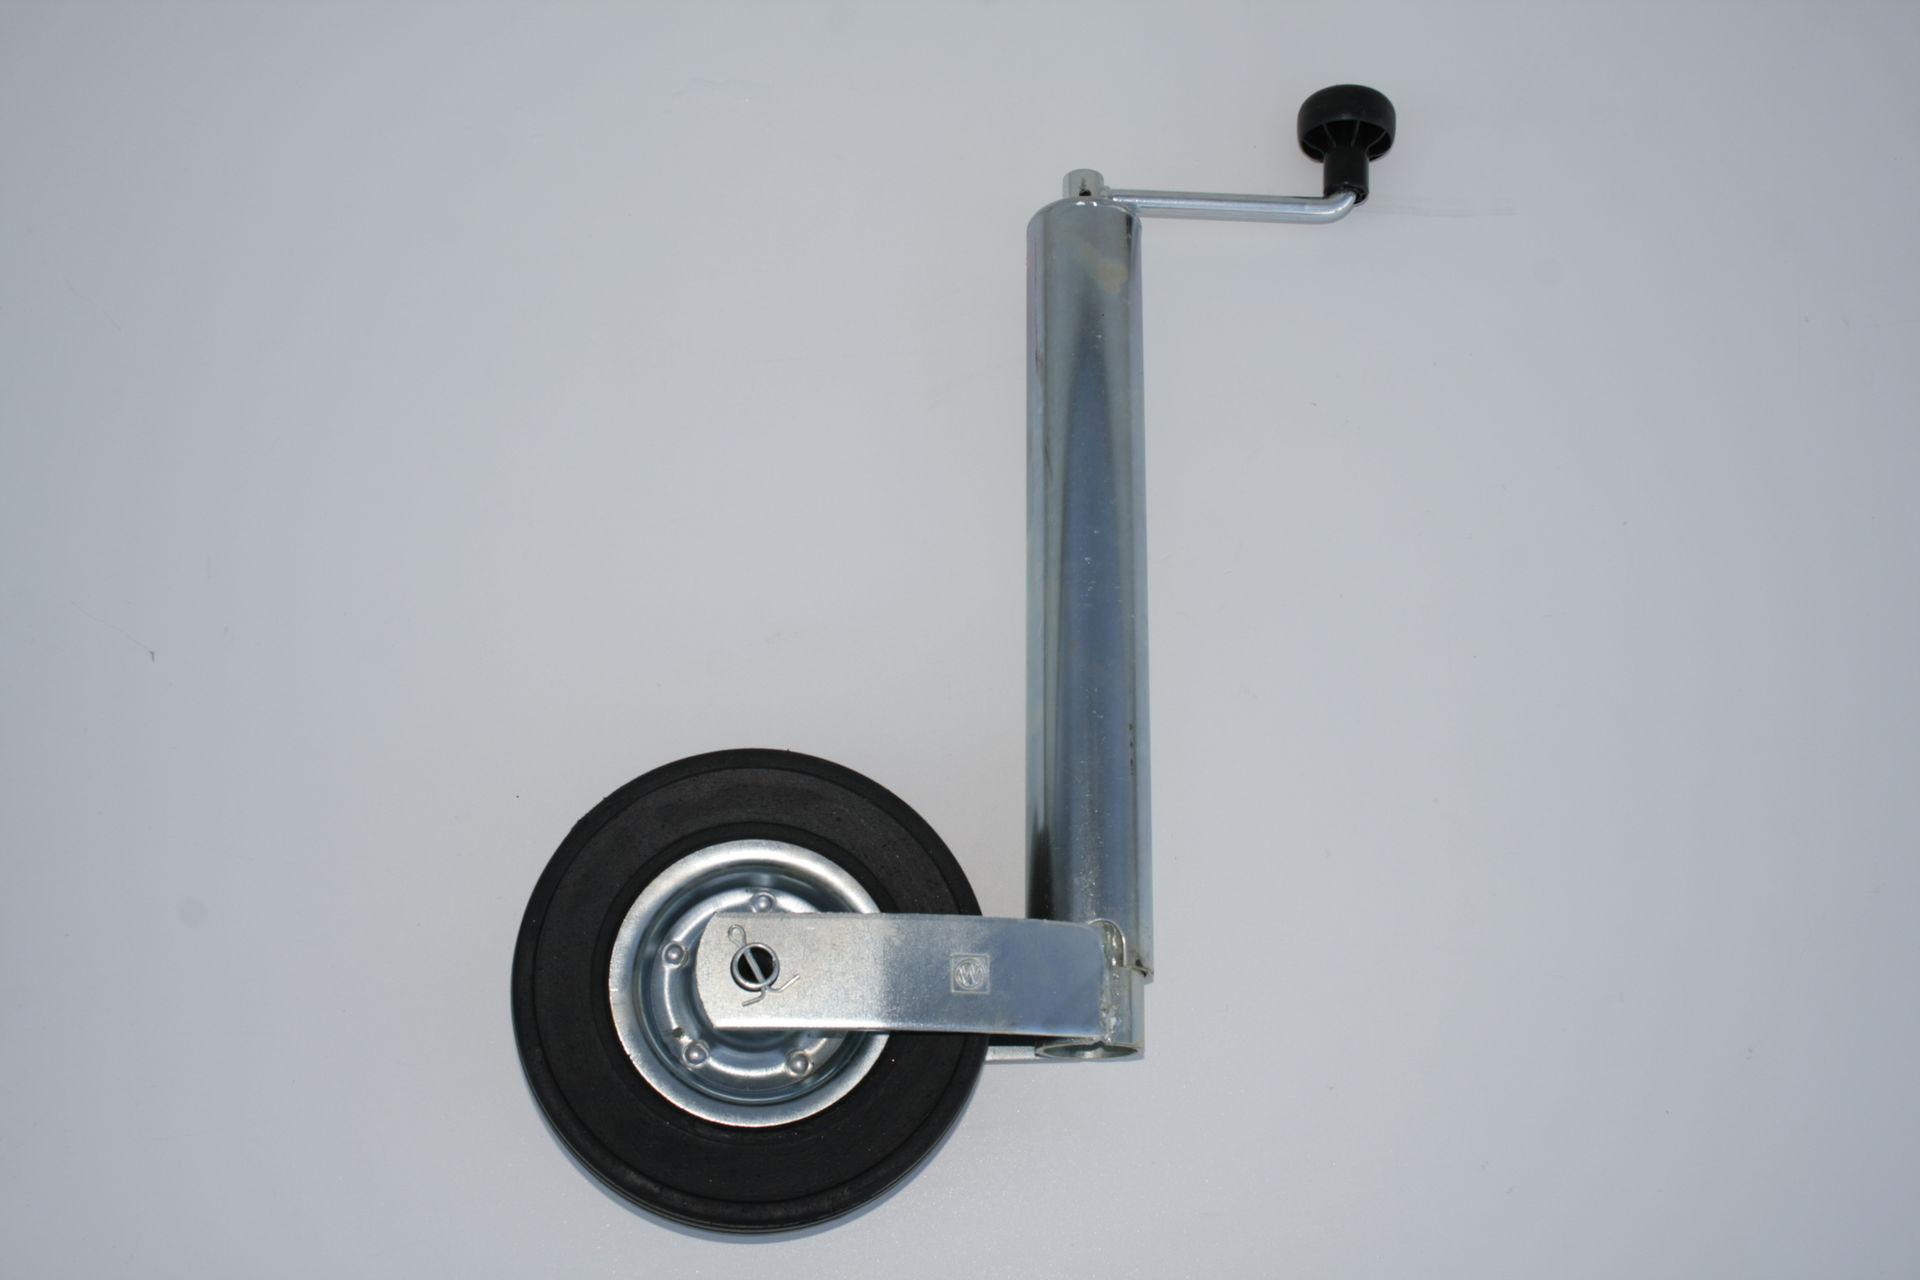 Podpěrné kolečko nesklopné průměr 60 mm